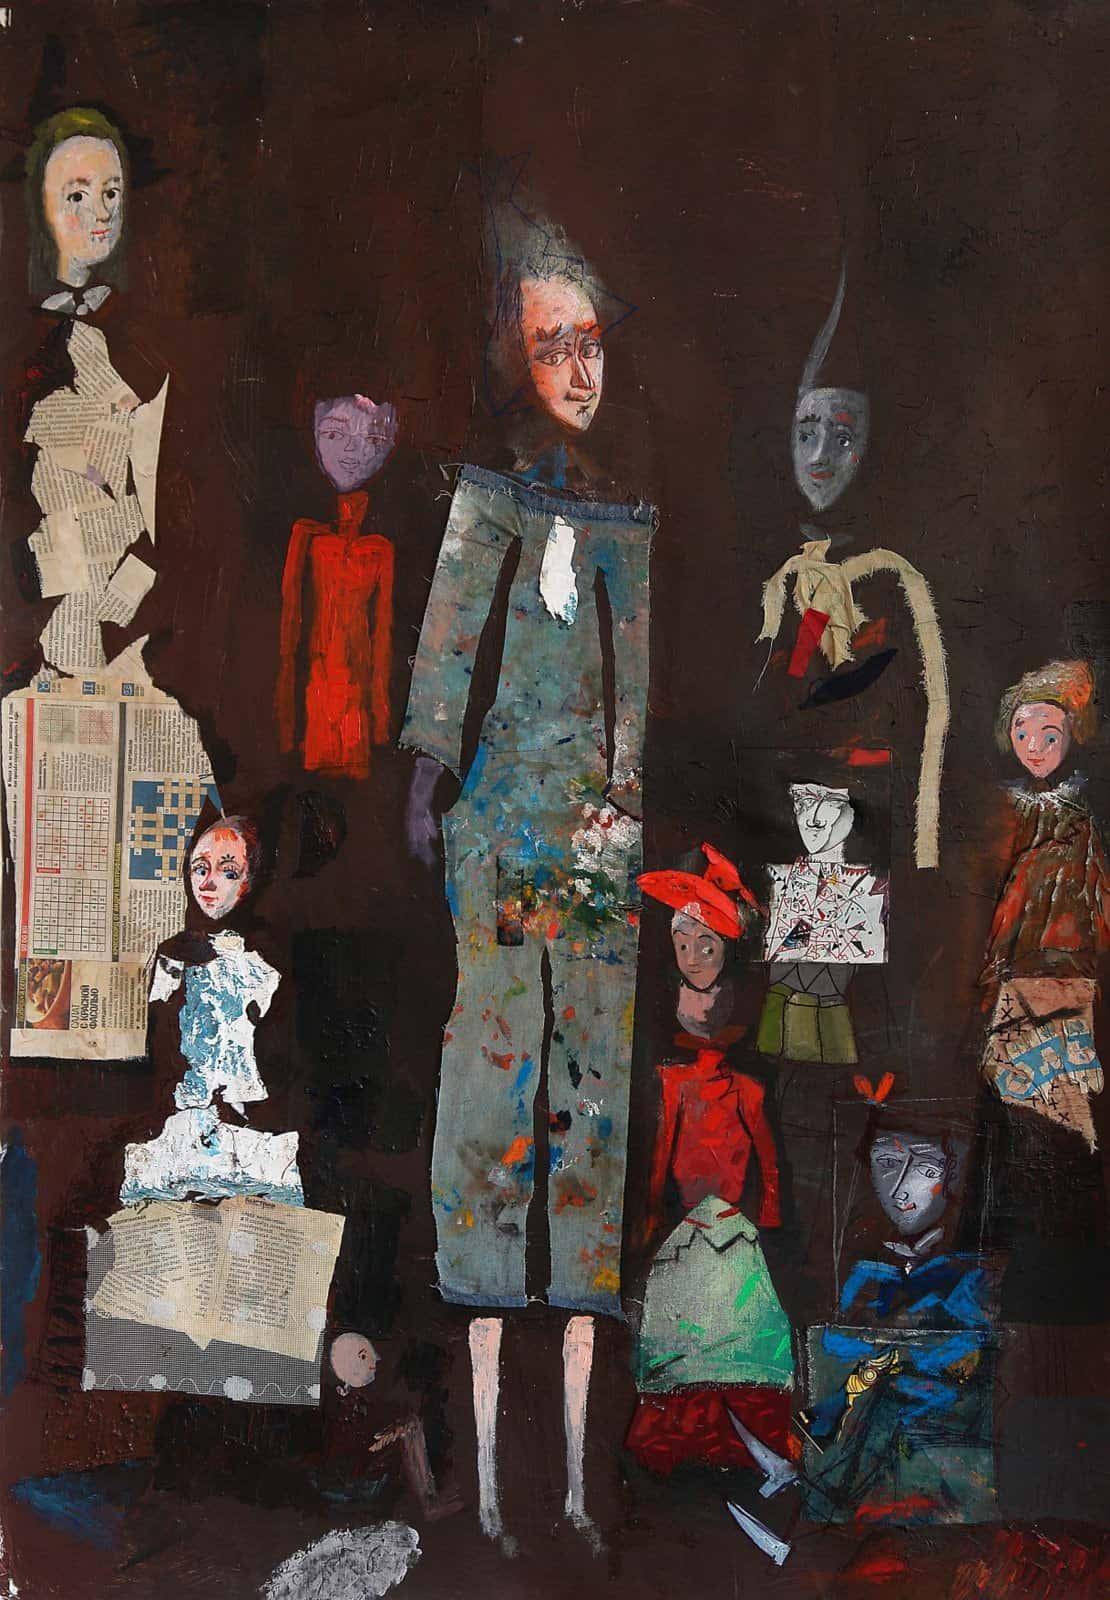 Актори. Темо Свірелі, грузинський та український художник (народився в 1965 році в Грузії - помер в 2014 році в Україні), текстиль, акріл, пастель на папері (колаж), 2007